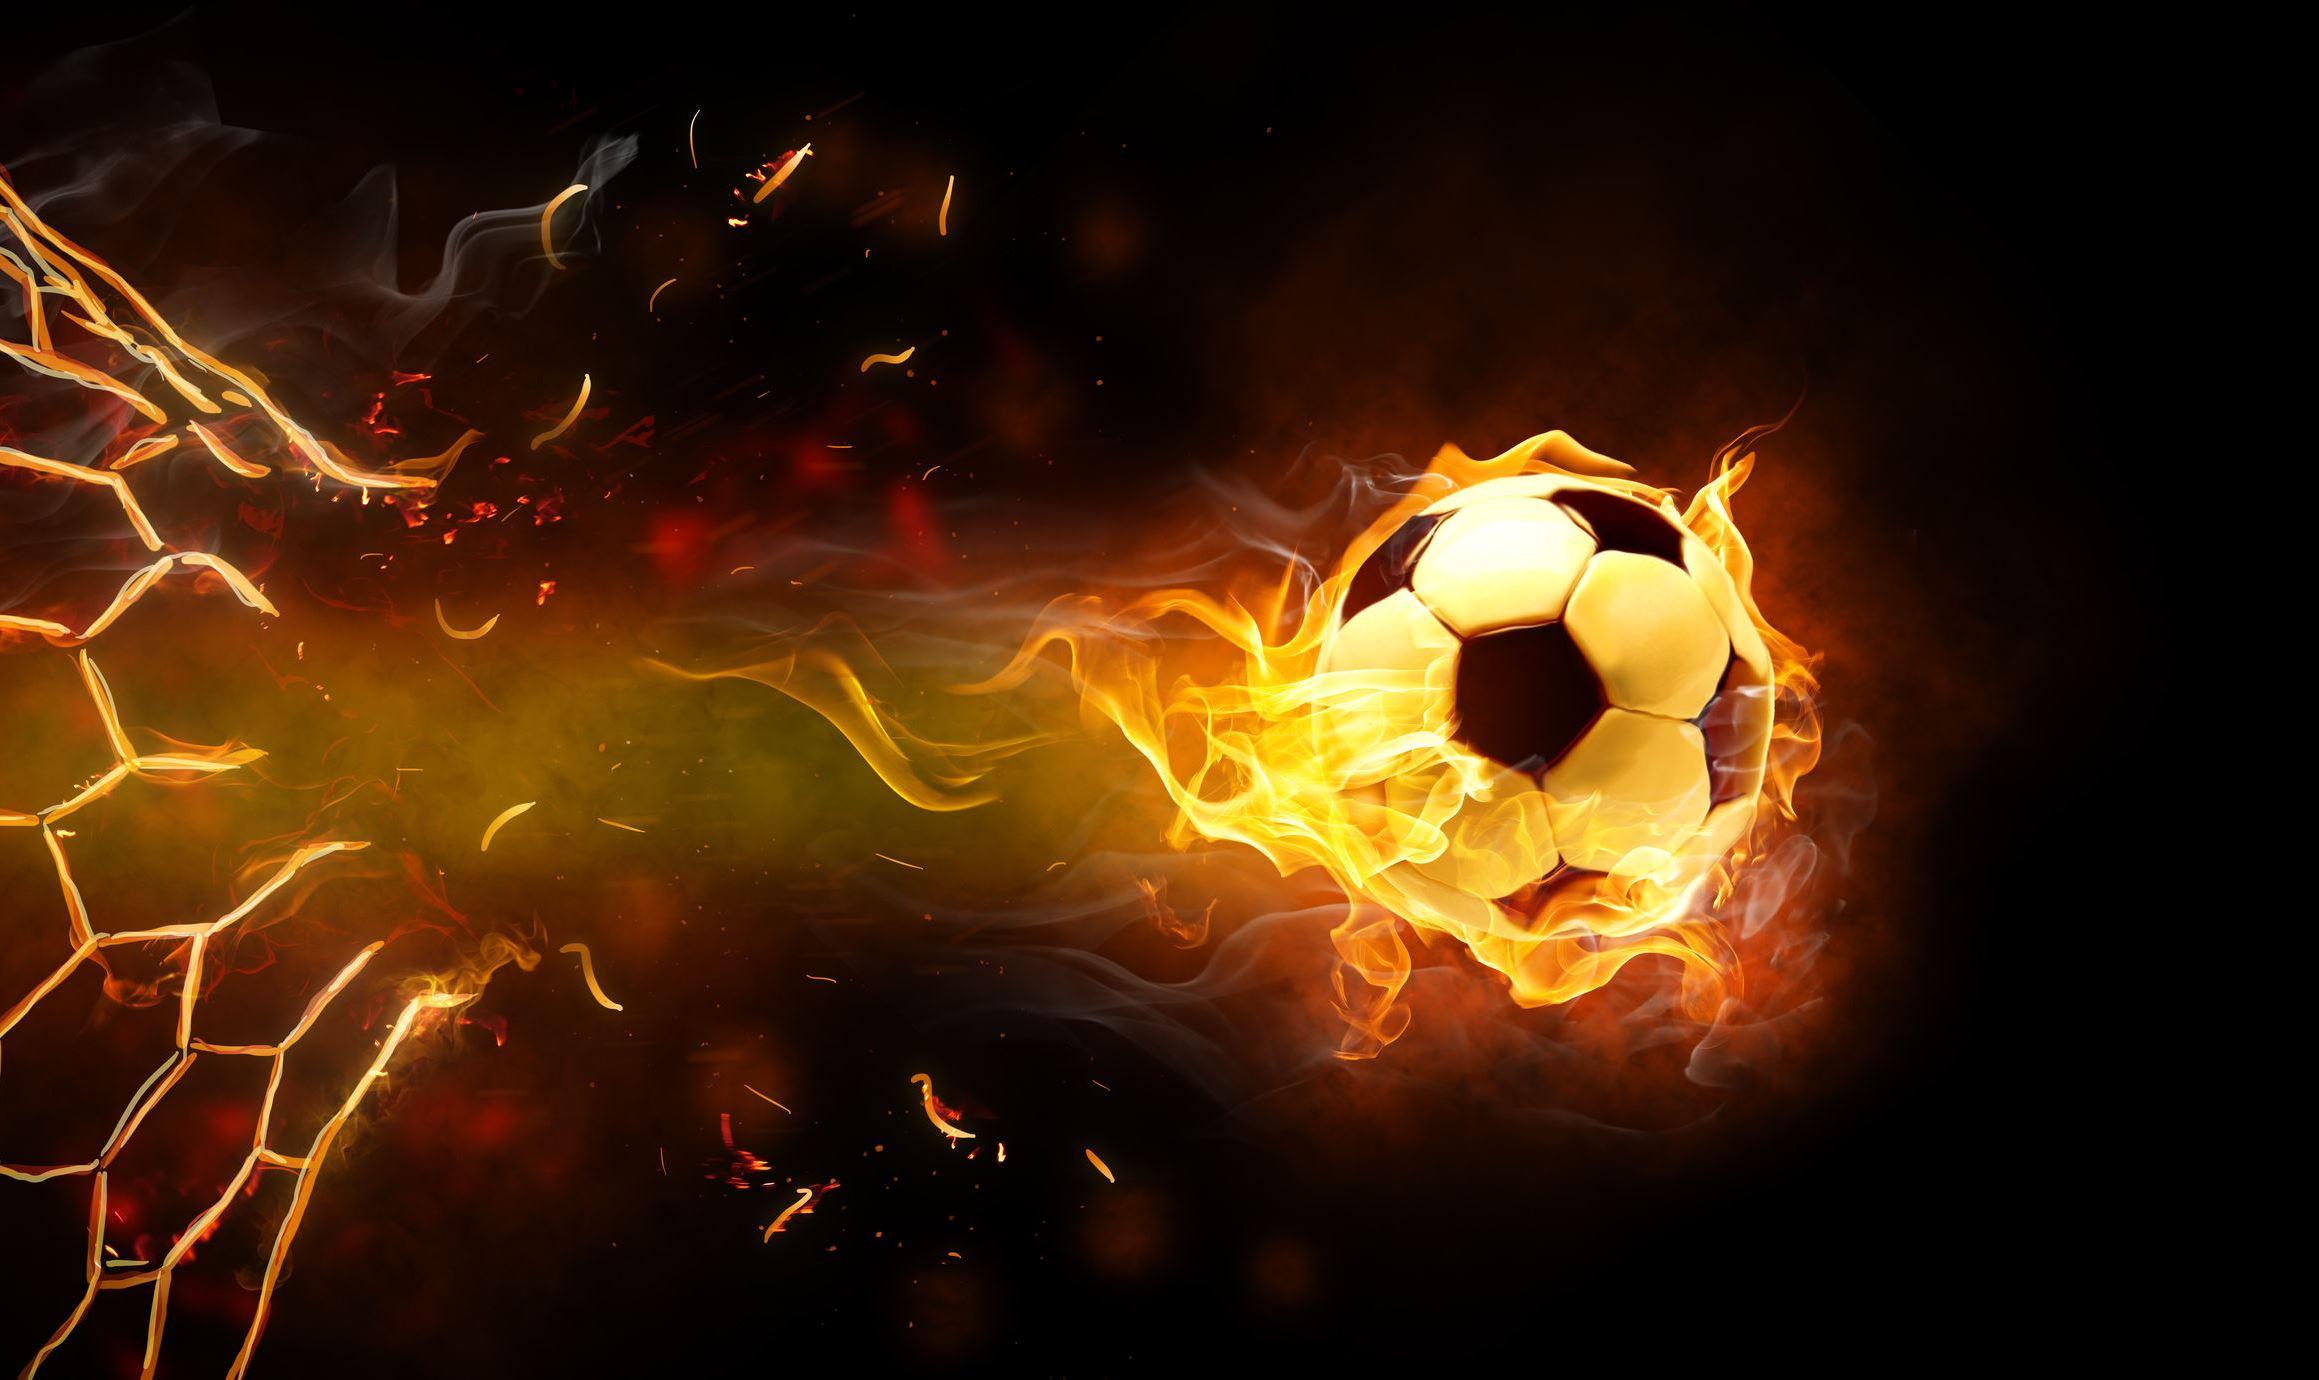 Flaming football smashing through net